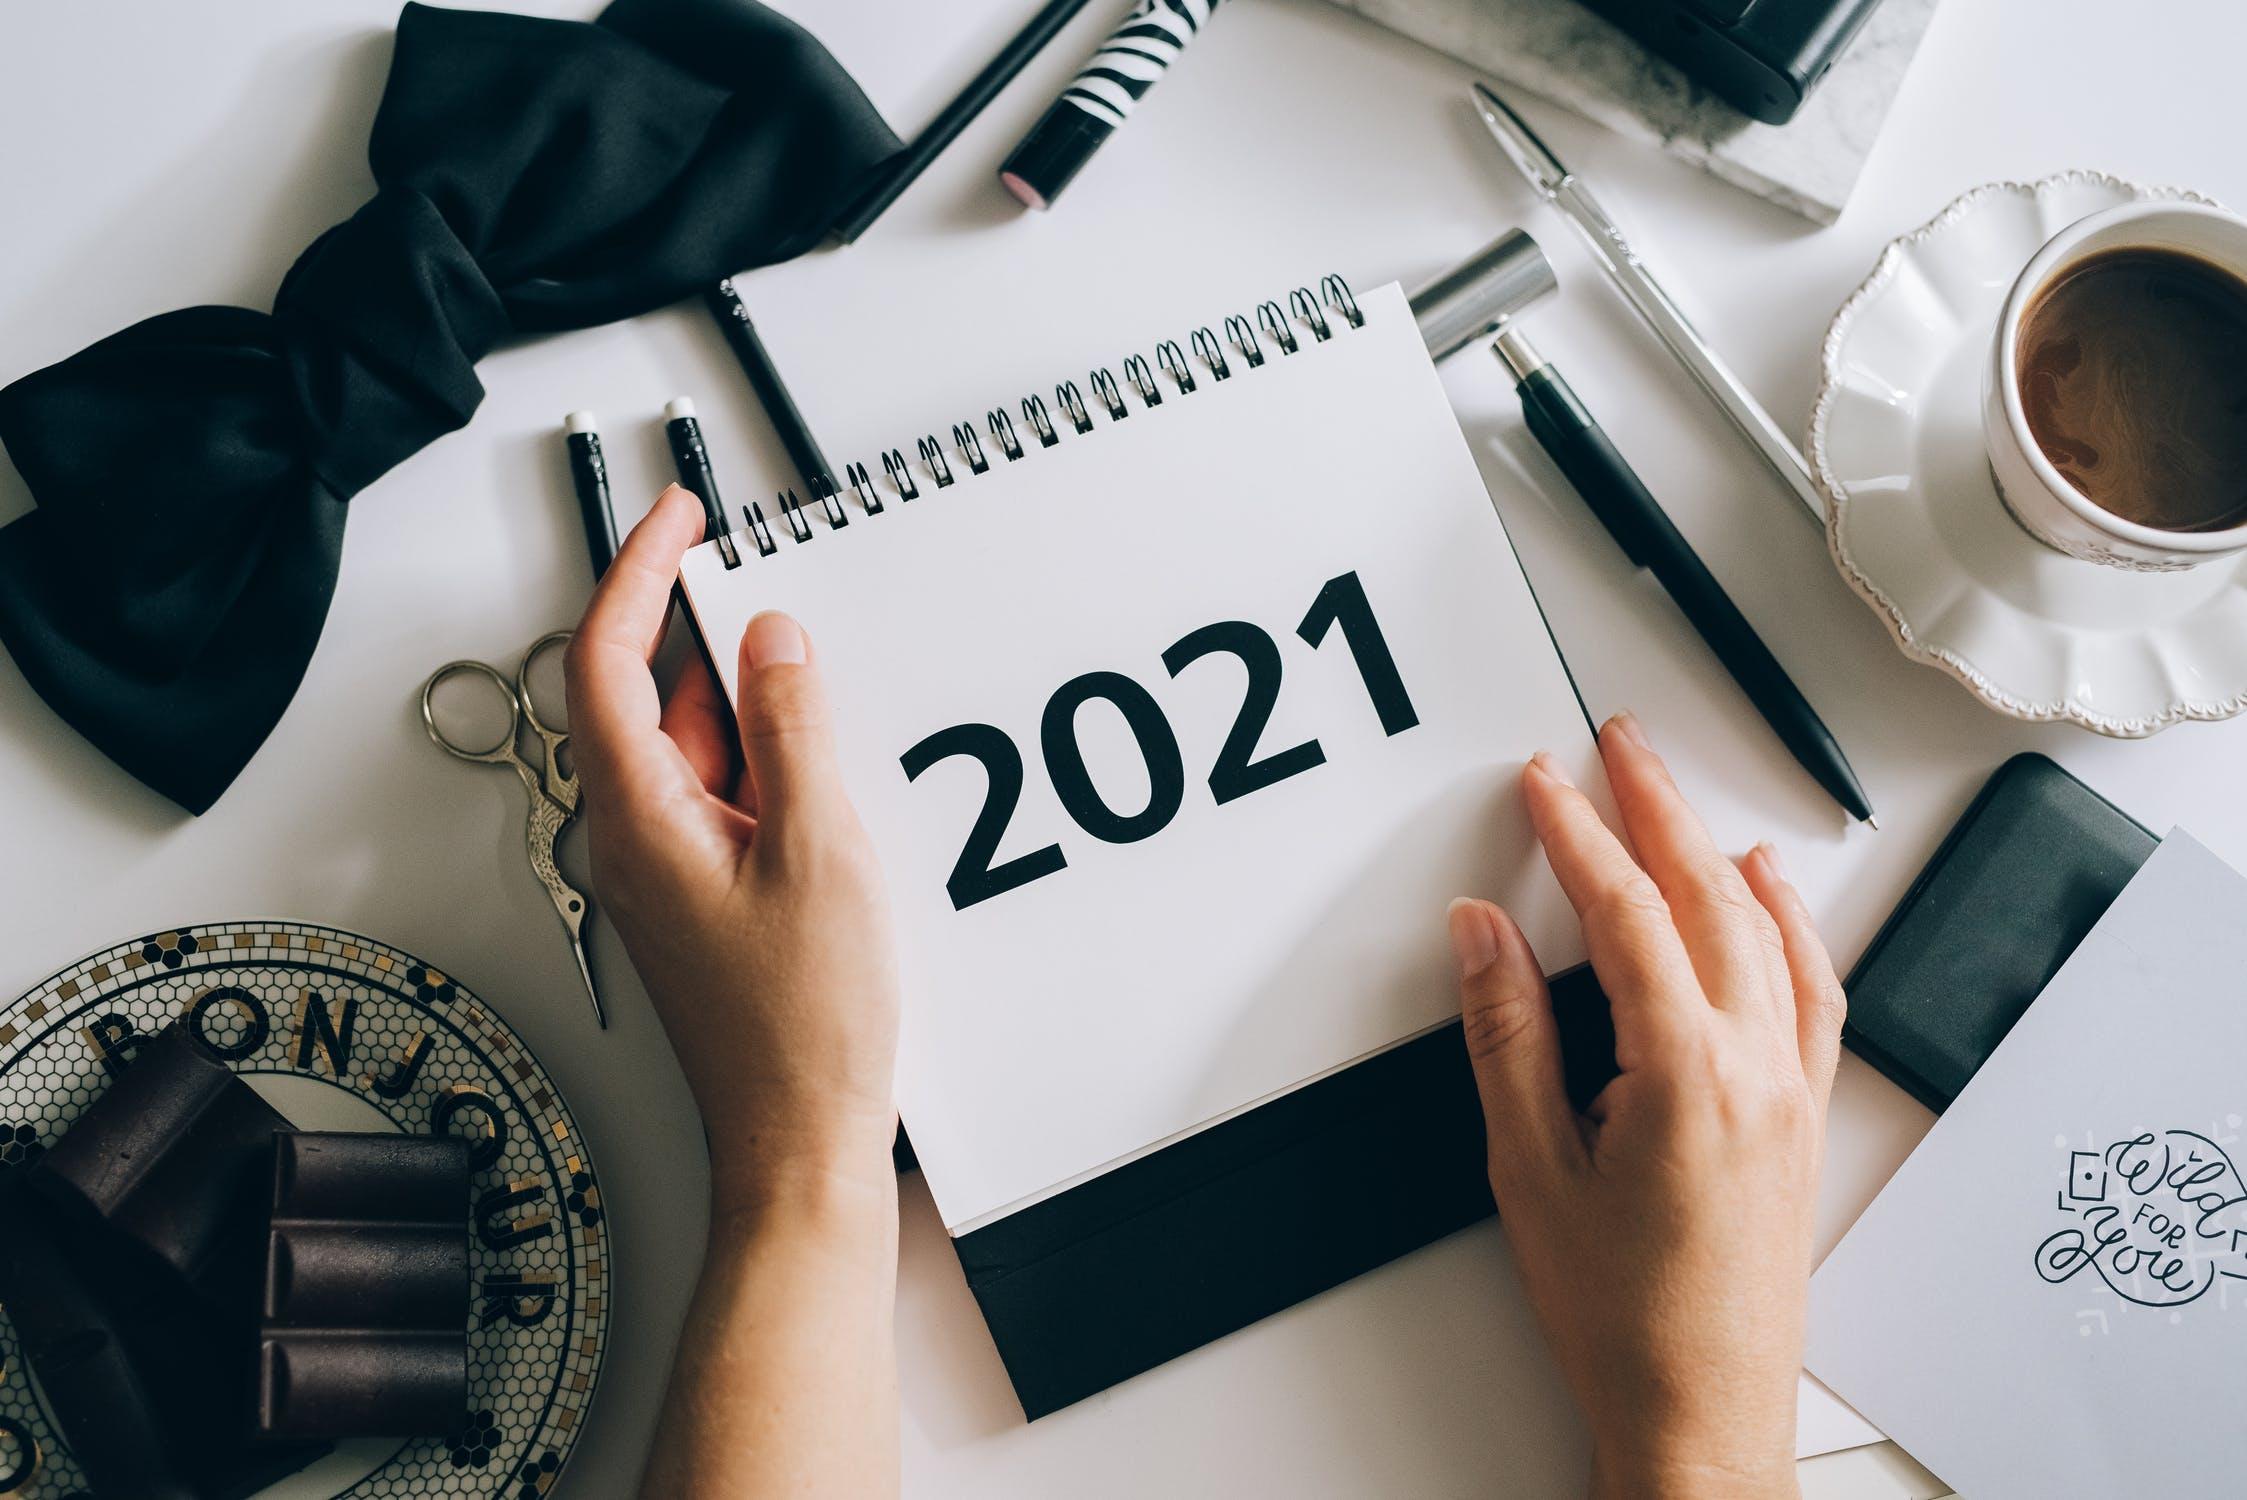 ¡Nuestros mejores deseos para el 2021!